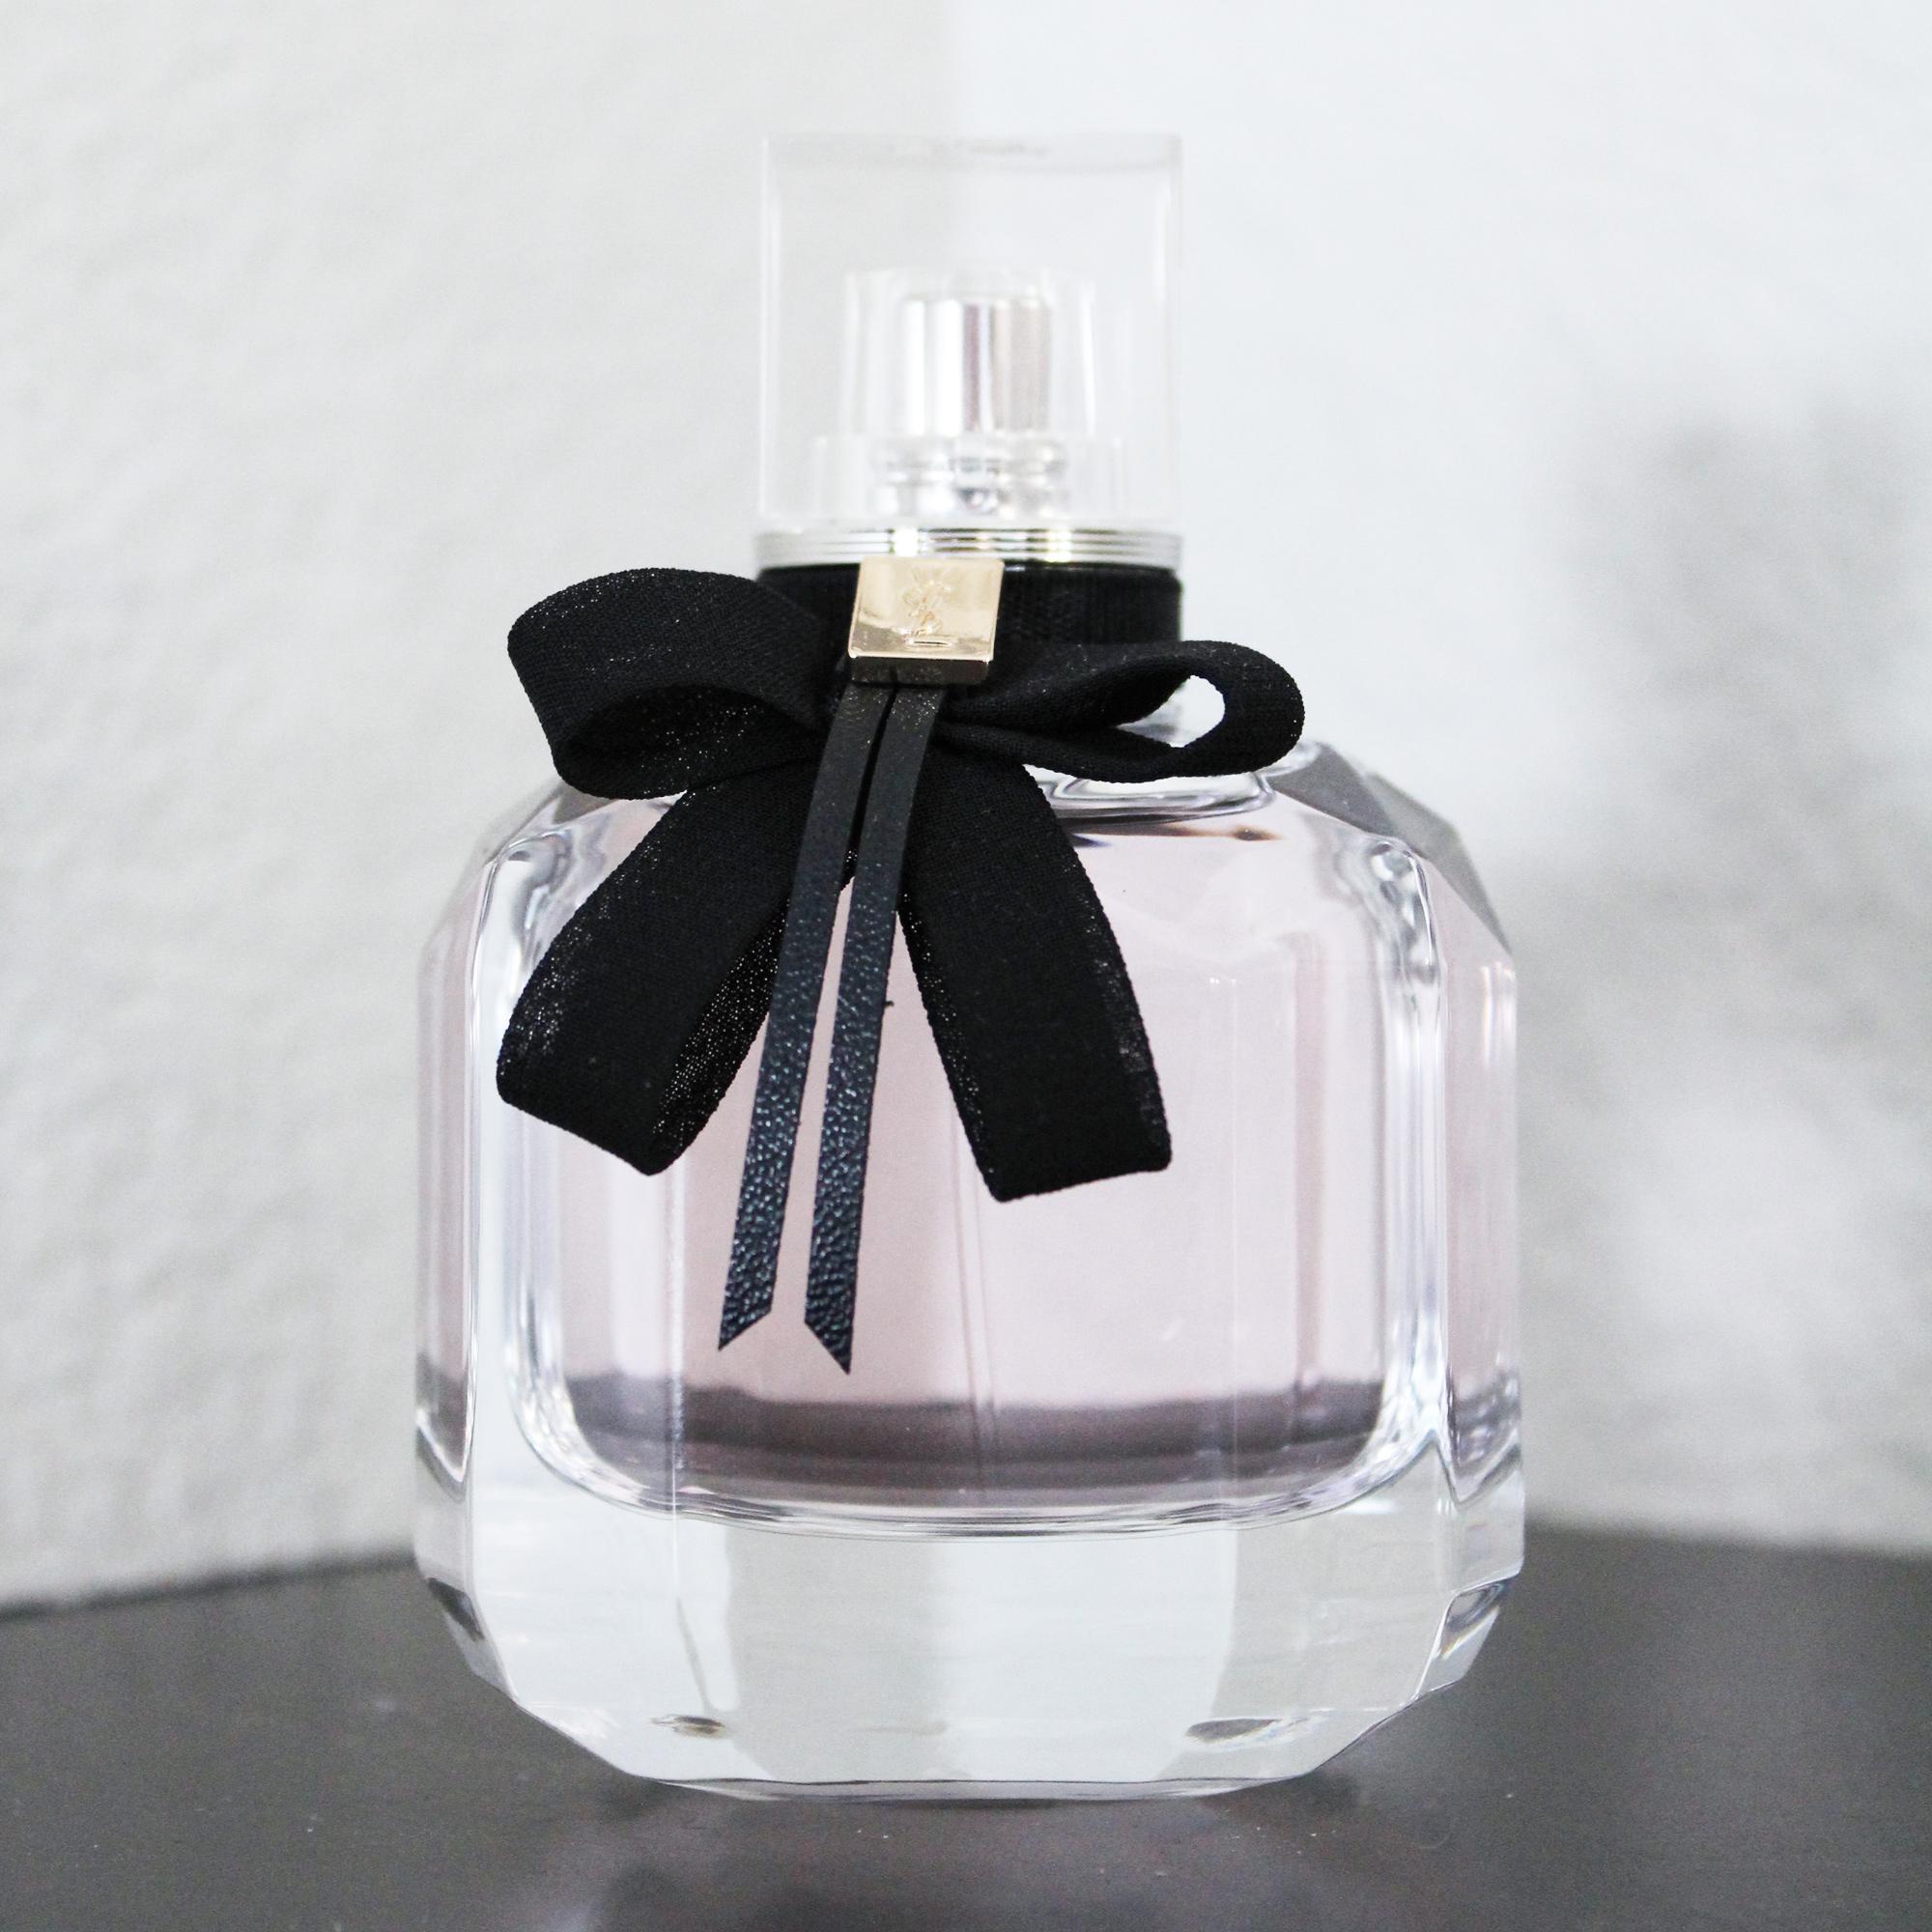 Yves Saint Laurent Mon Paris Eau de Parfum — via Cotton Cashmere Cat Hair